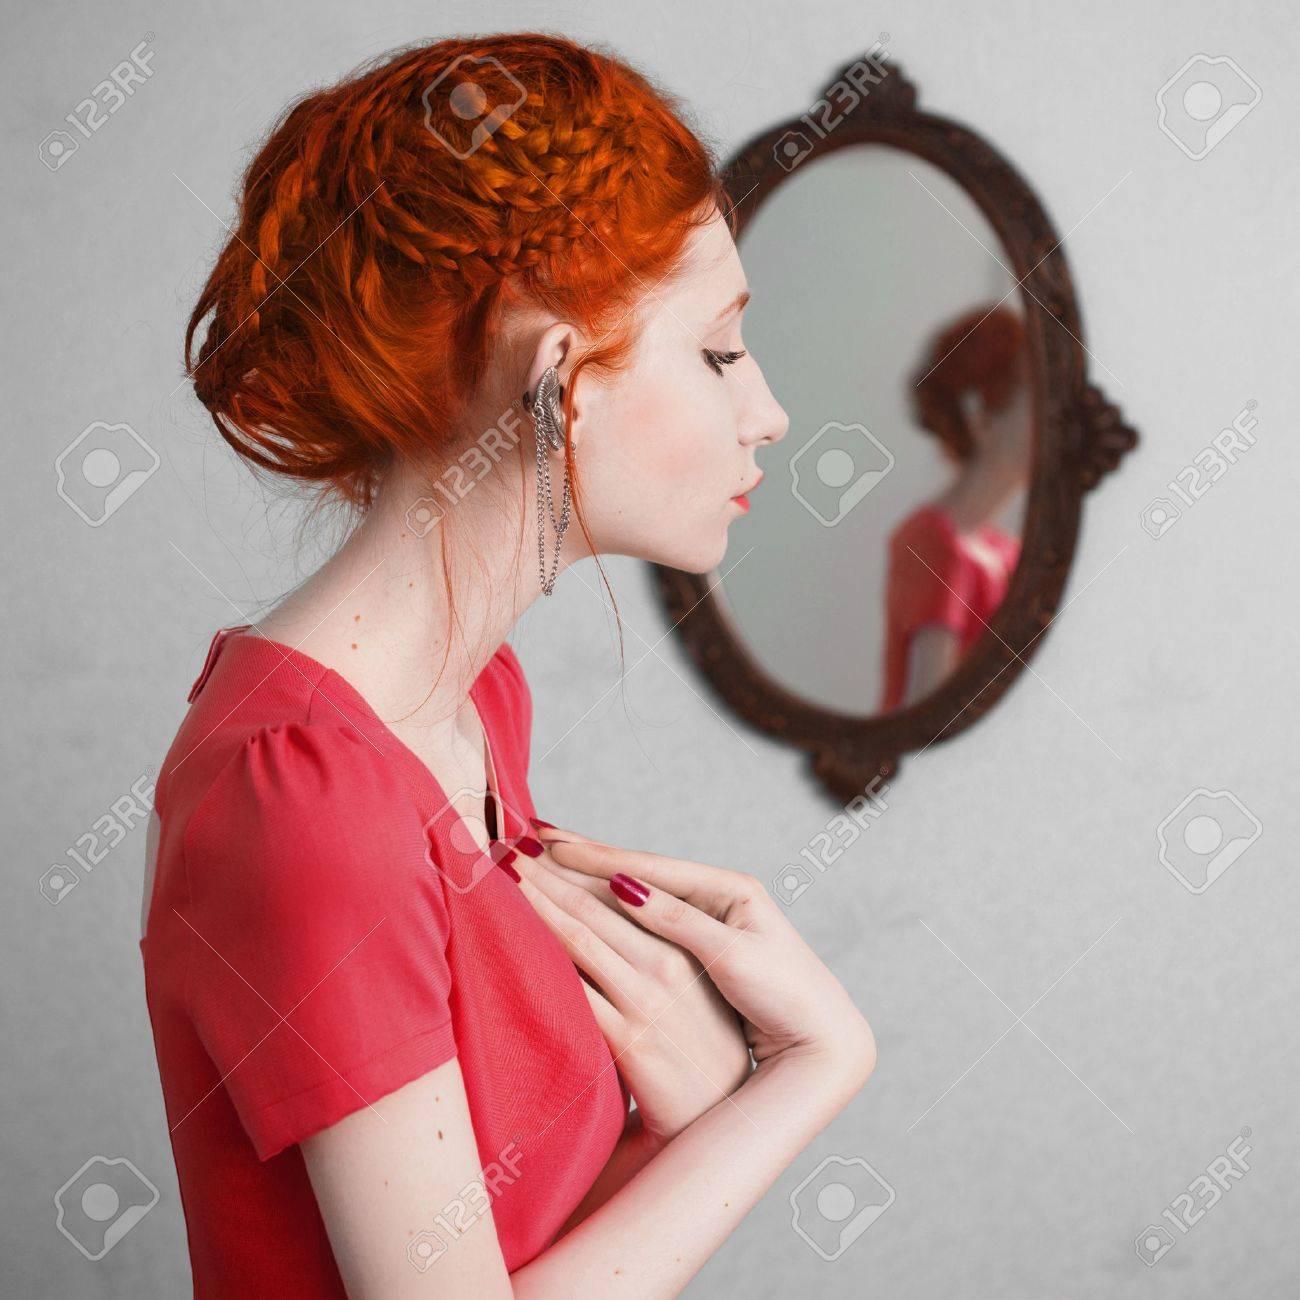 Image Cheveux Rouge une femme aux cheveux rouge dans une robe orange. fille aux cheveux